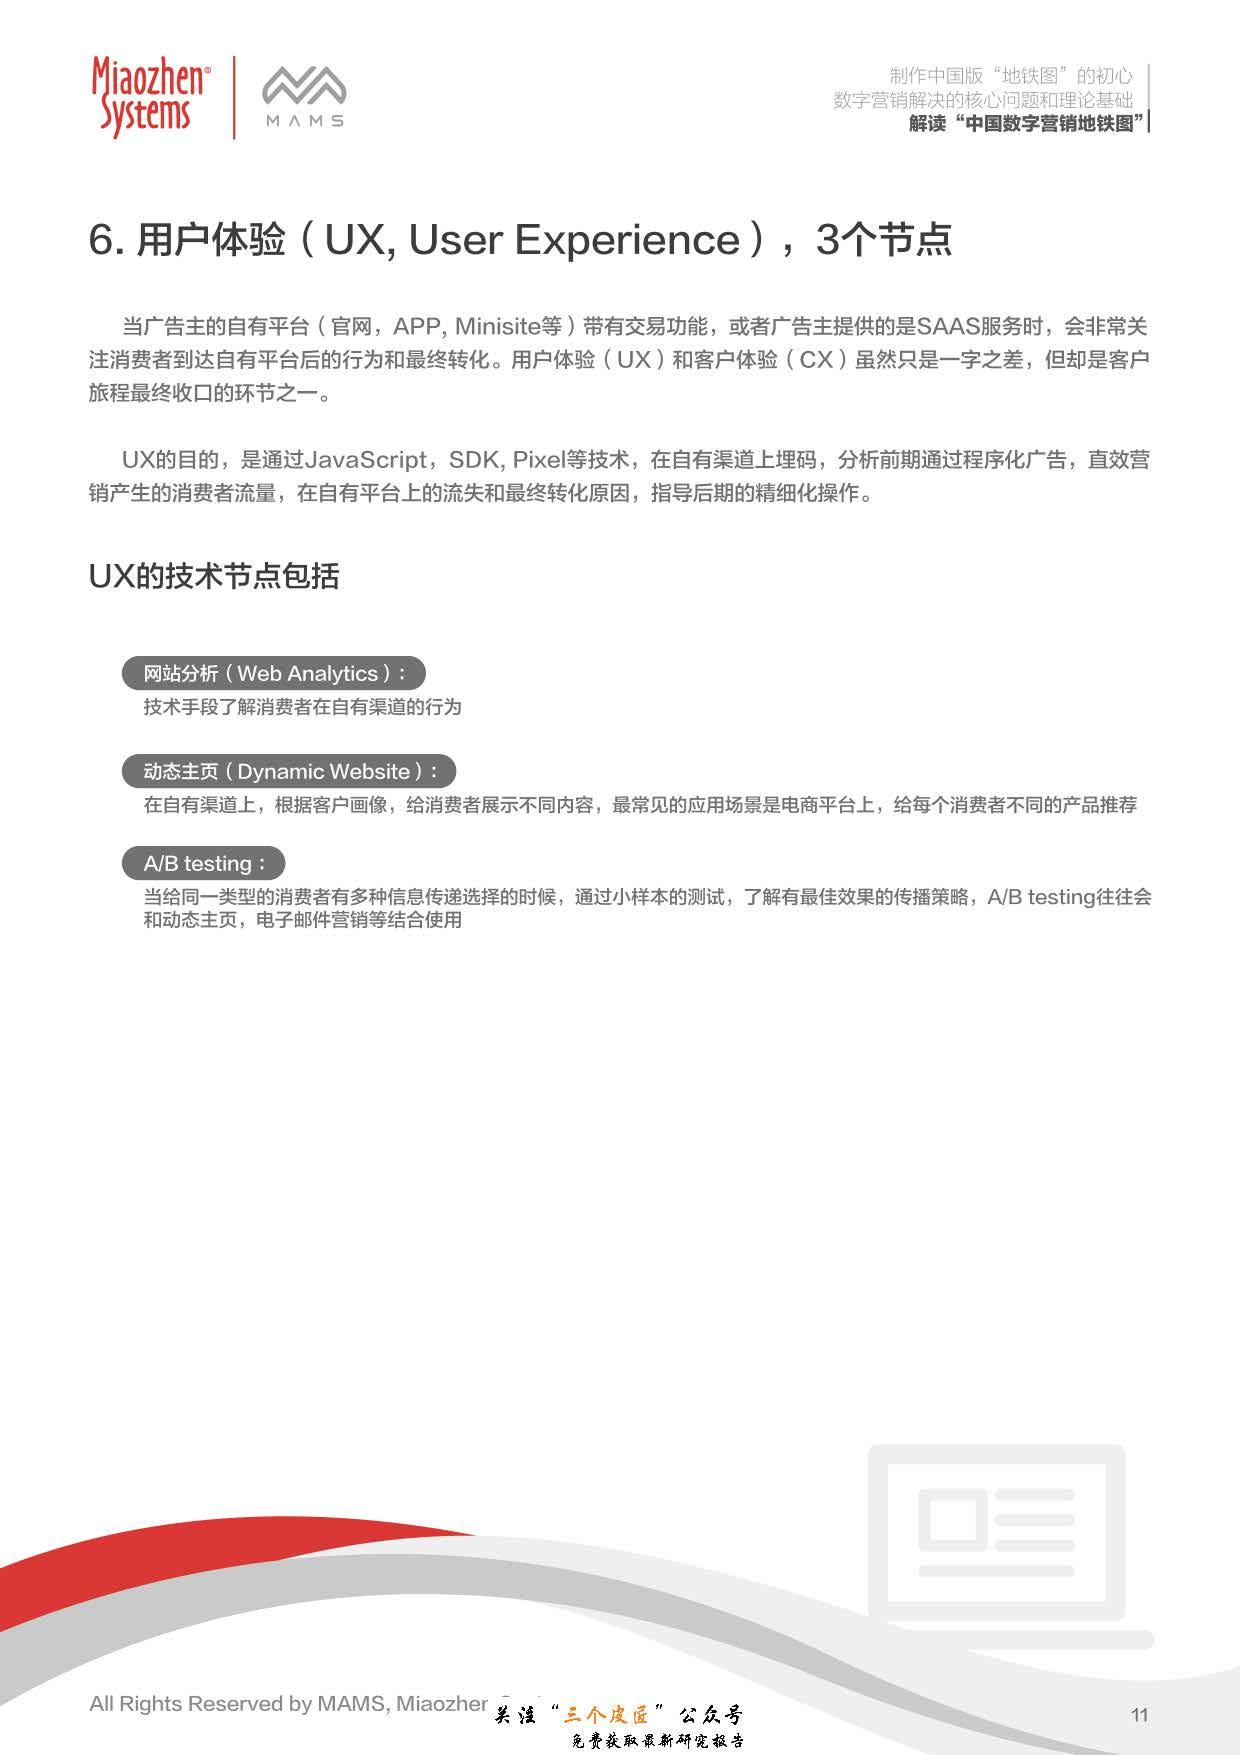 秒针:解读中国数字营销地铁图(28页)_页面_12.jpg